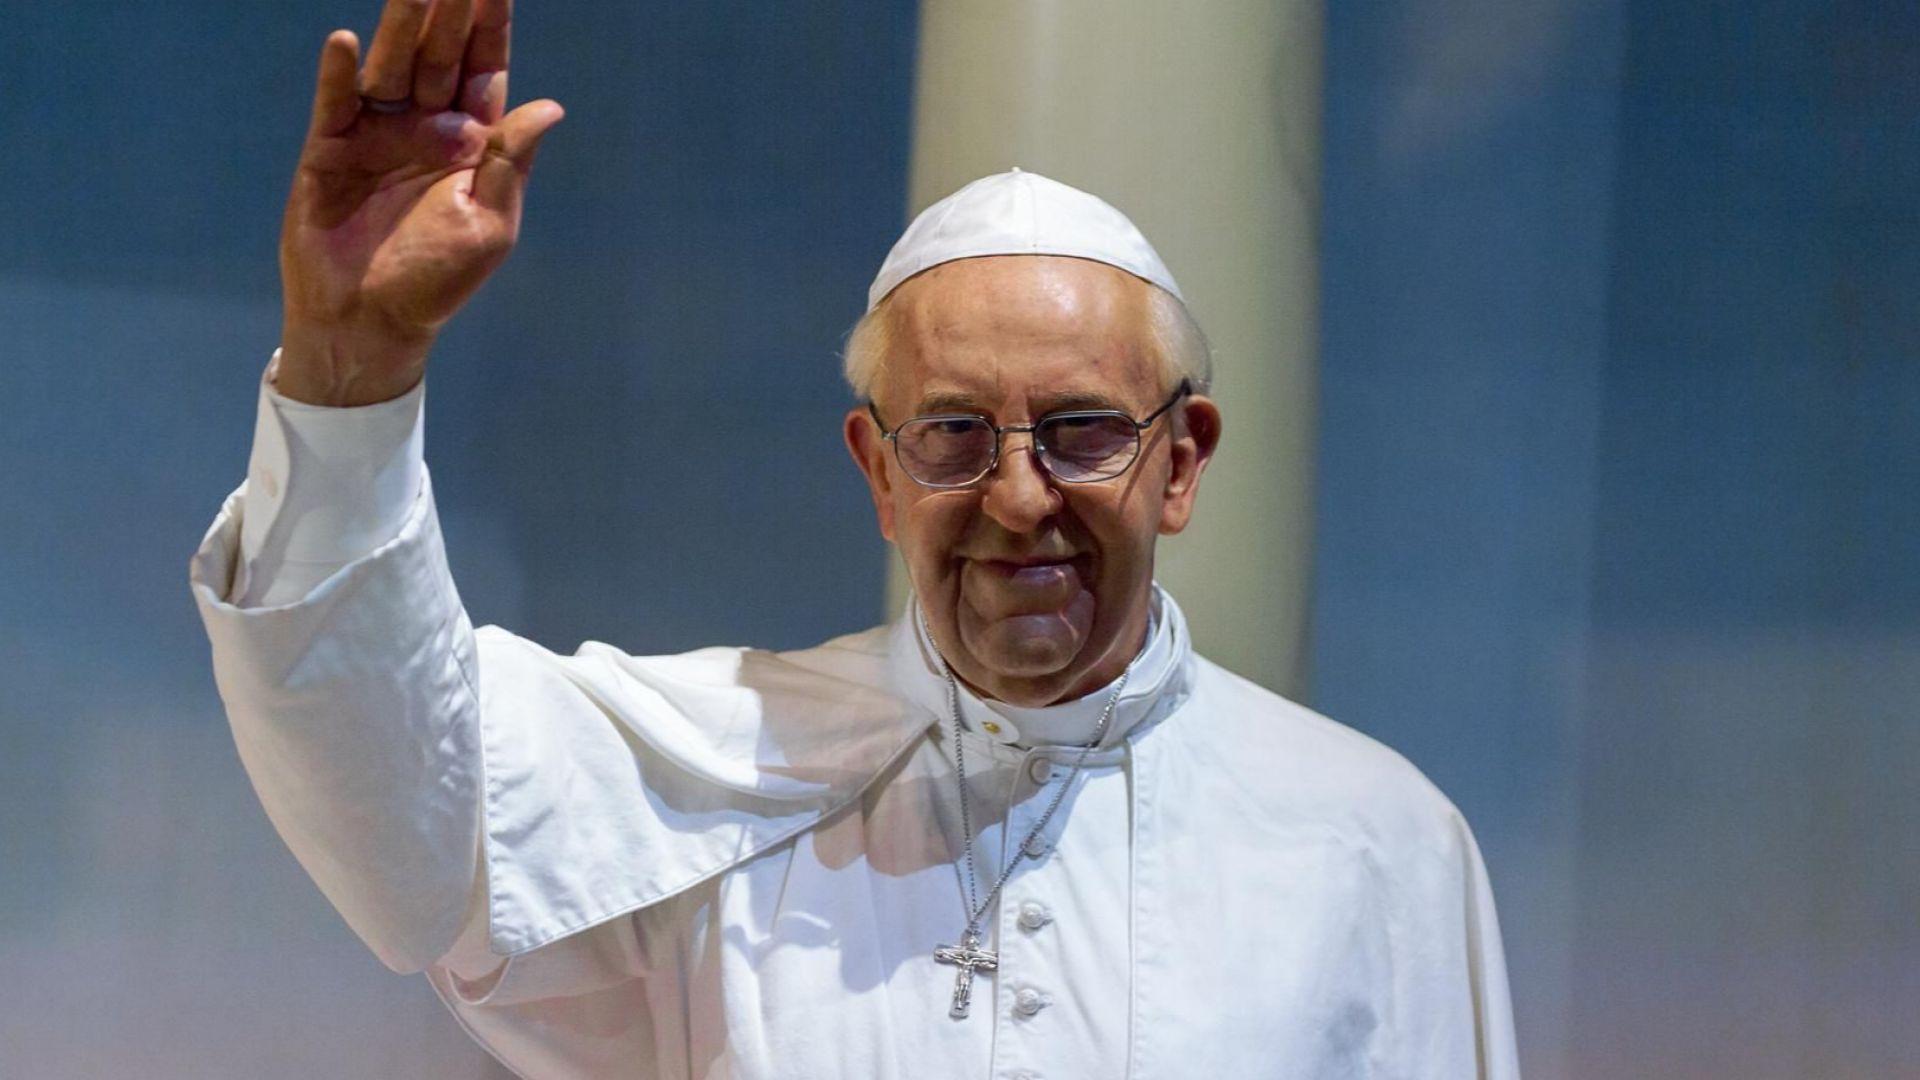 Ватиканът с упрек: Световната икономика е в плен на късоглед егоизъм